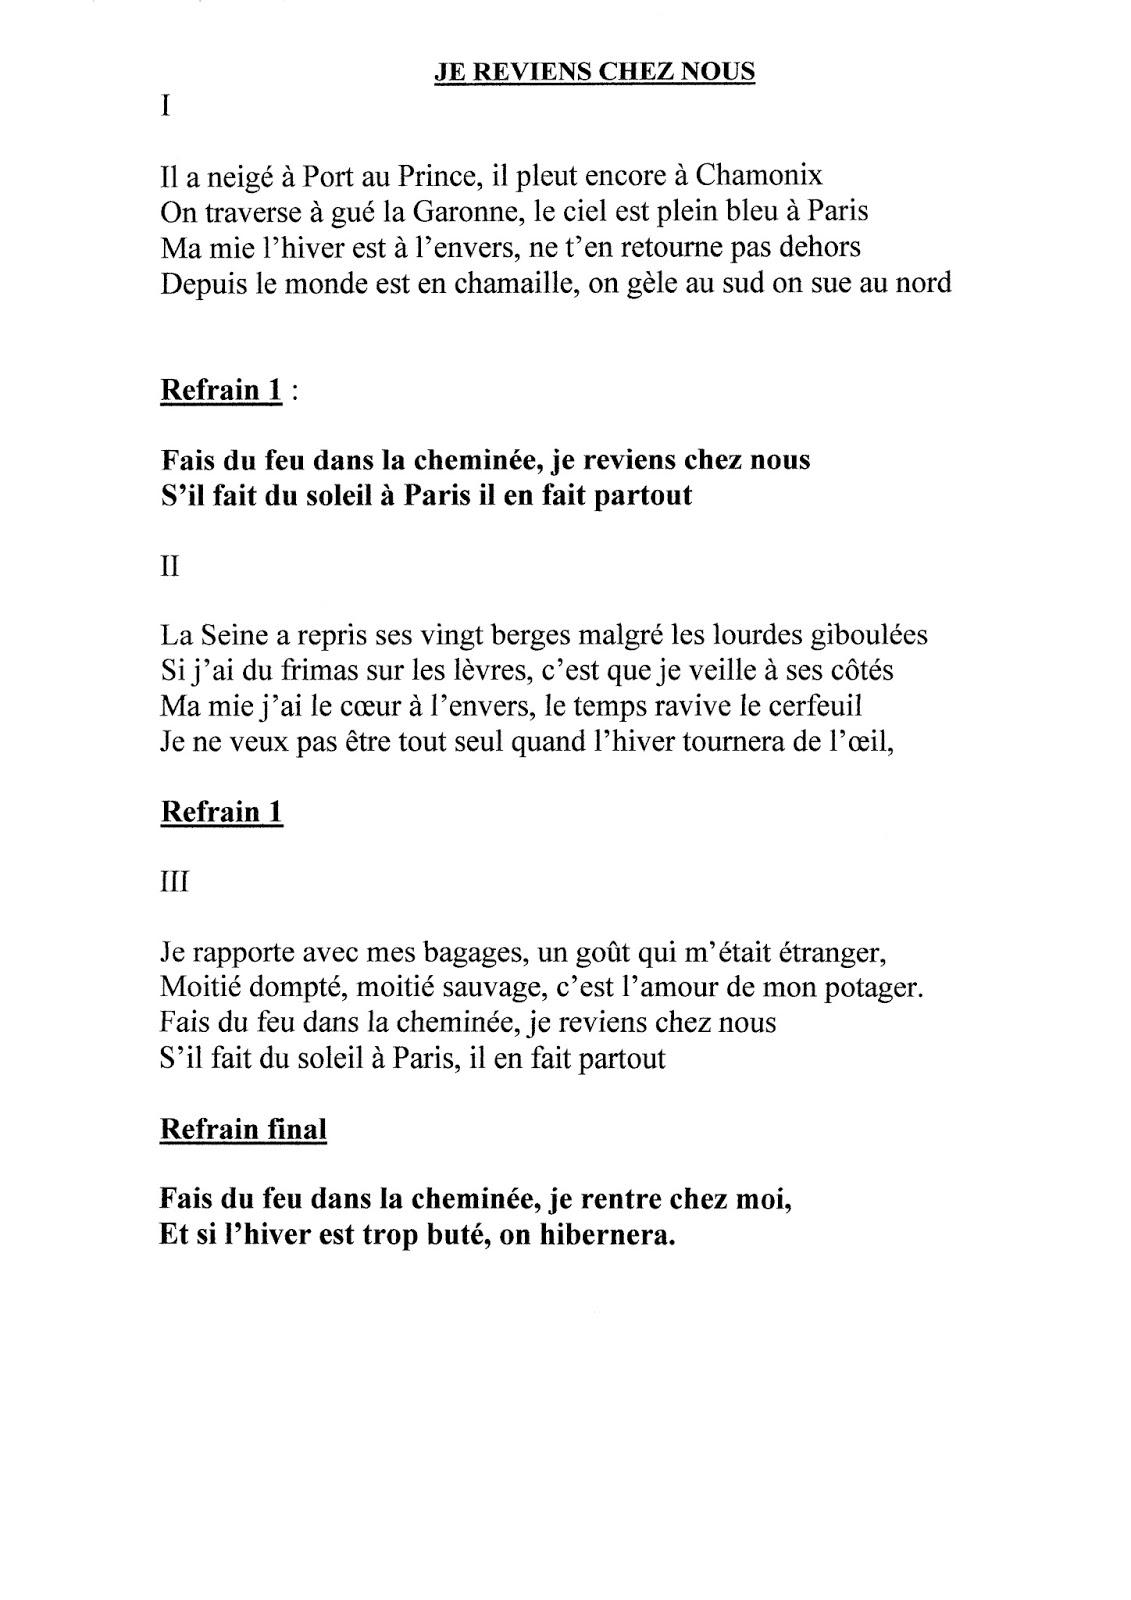 Les Fêtes De Mauléon Paroles : fêtes, mauléon, paroles, Chorale, Rayon, Soleil:, Paroles, Chansons